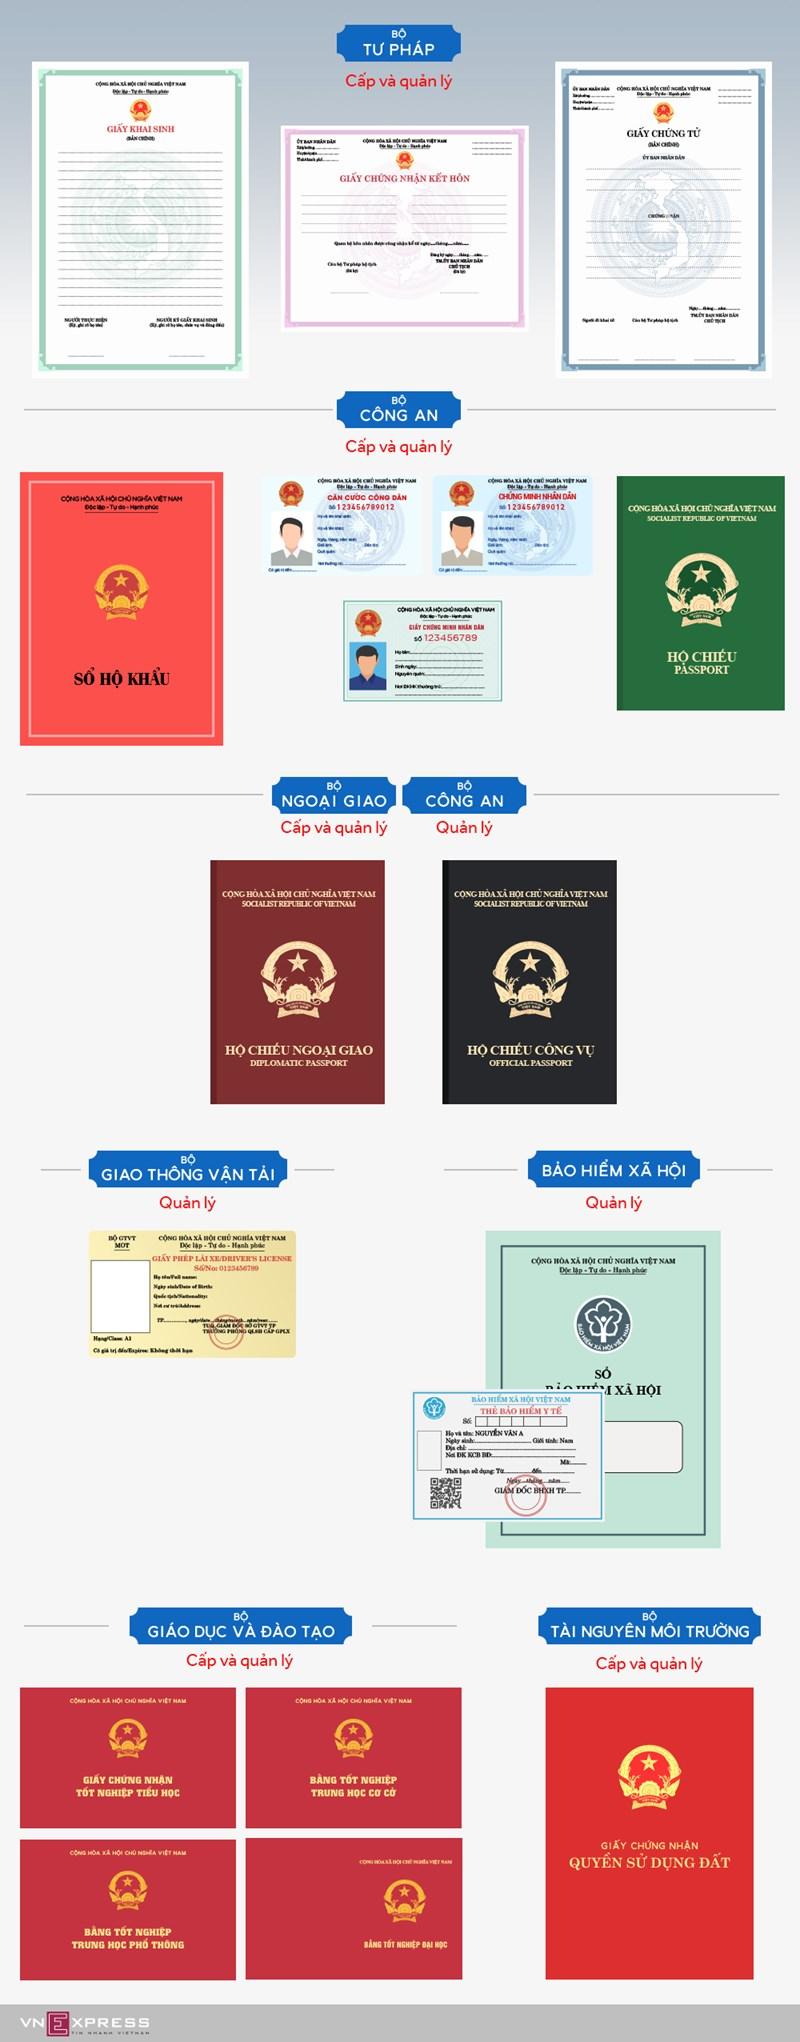 [Infographic] Những giấy tờ tuỳ thân theo chân công dân cả cuộc đời - Ảnh 1